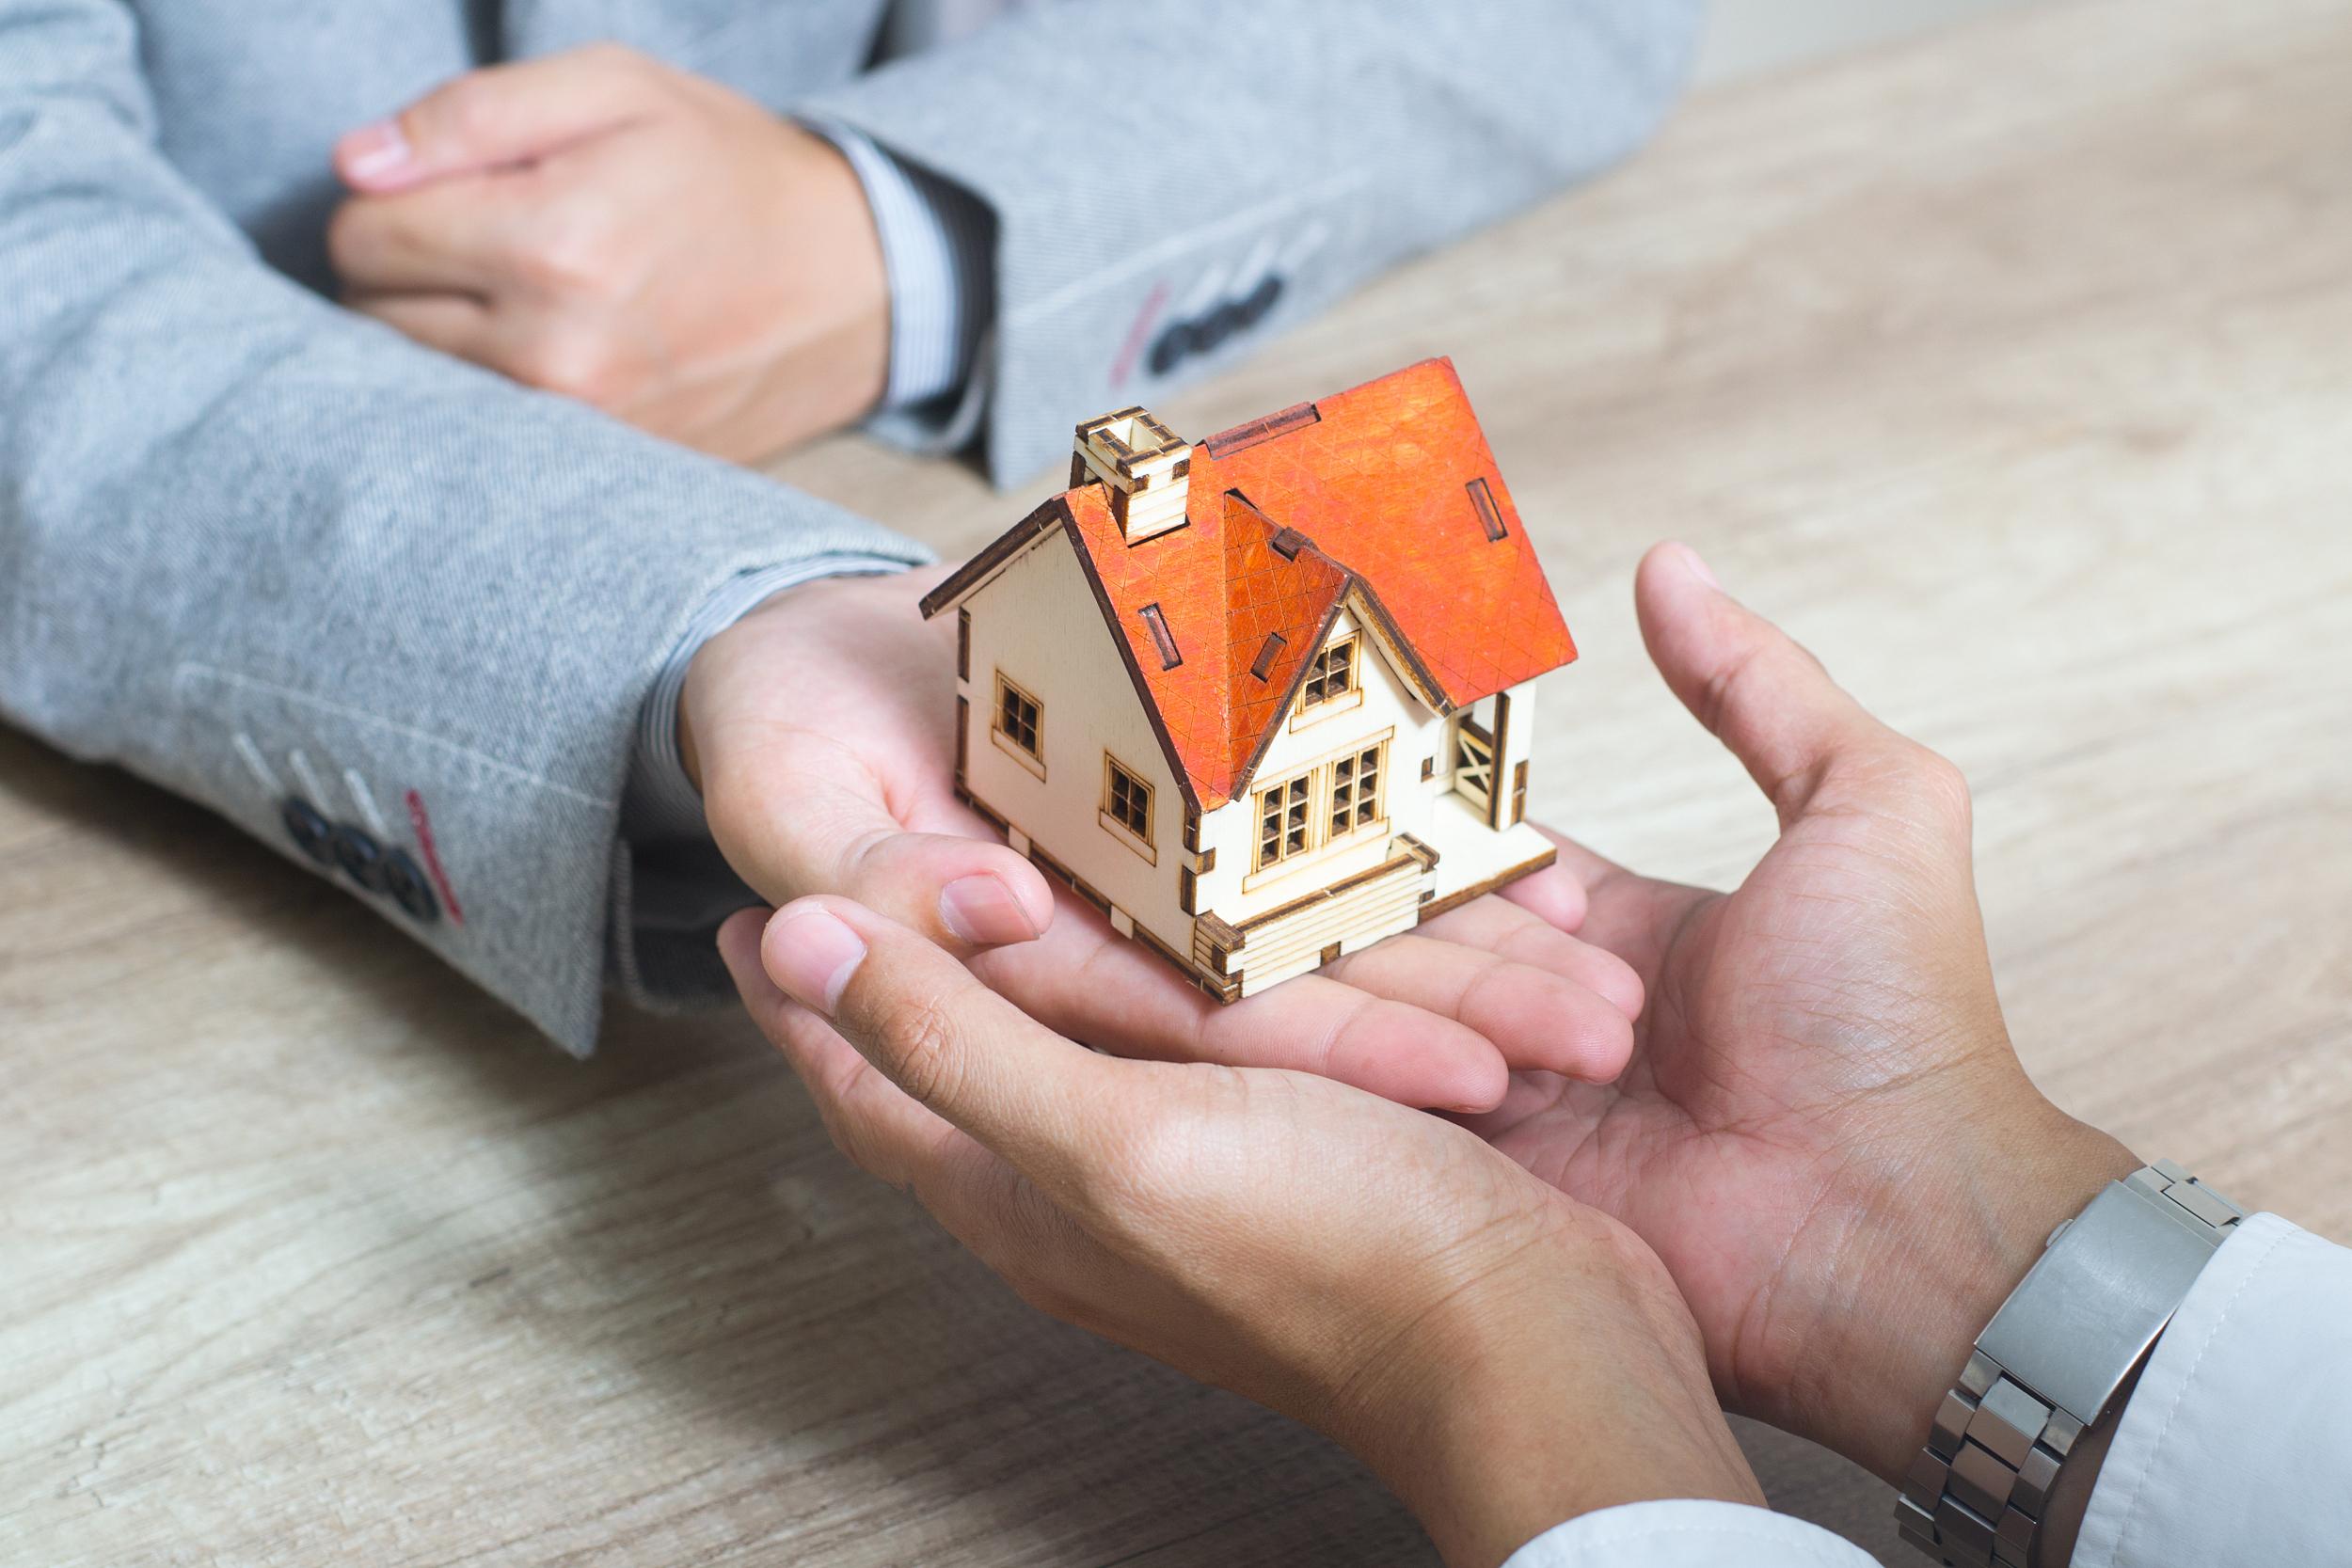 多部委发力 住房租赁市场强化监管